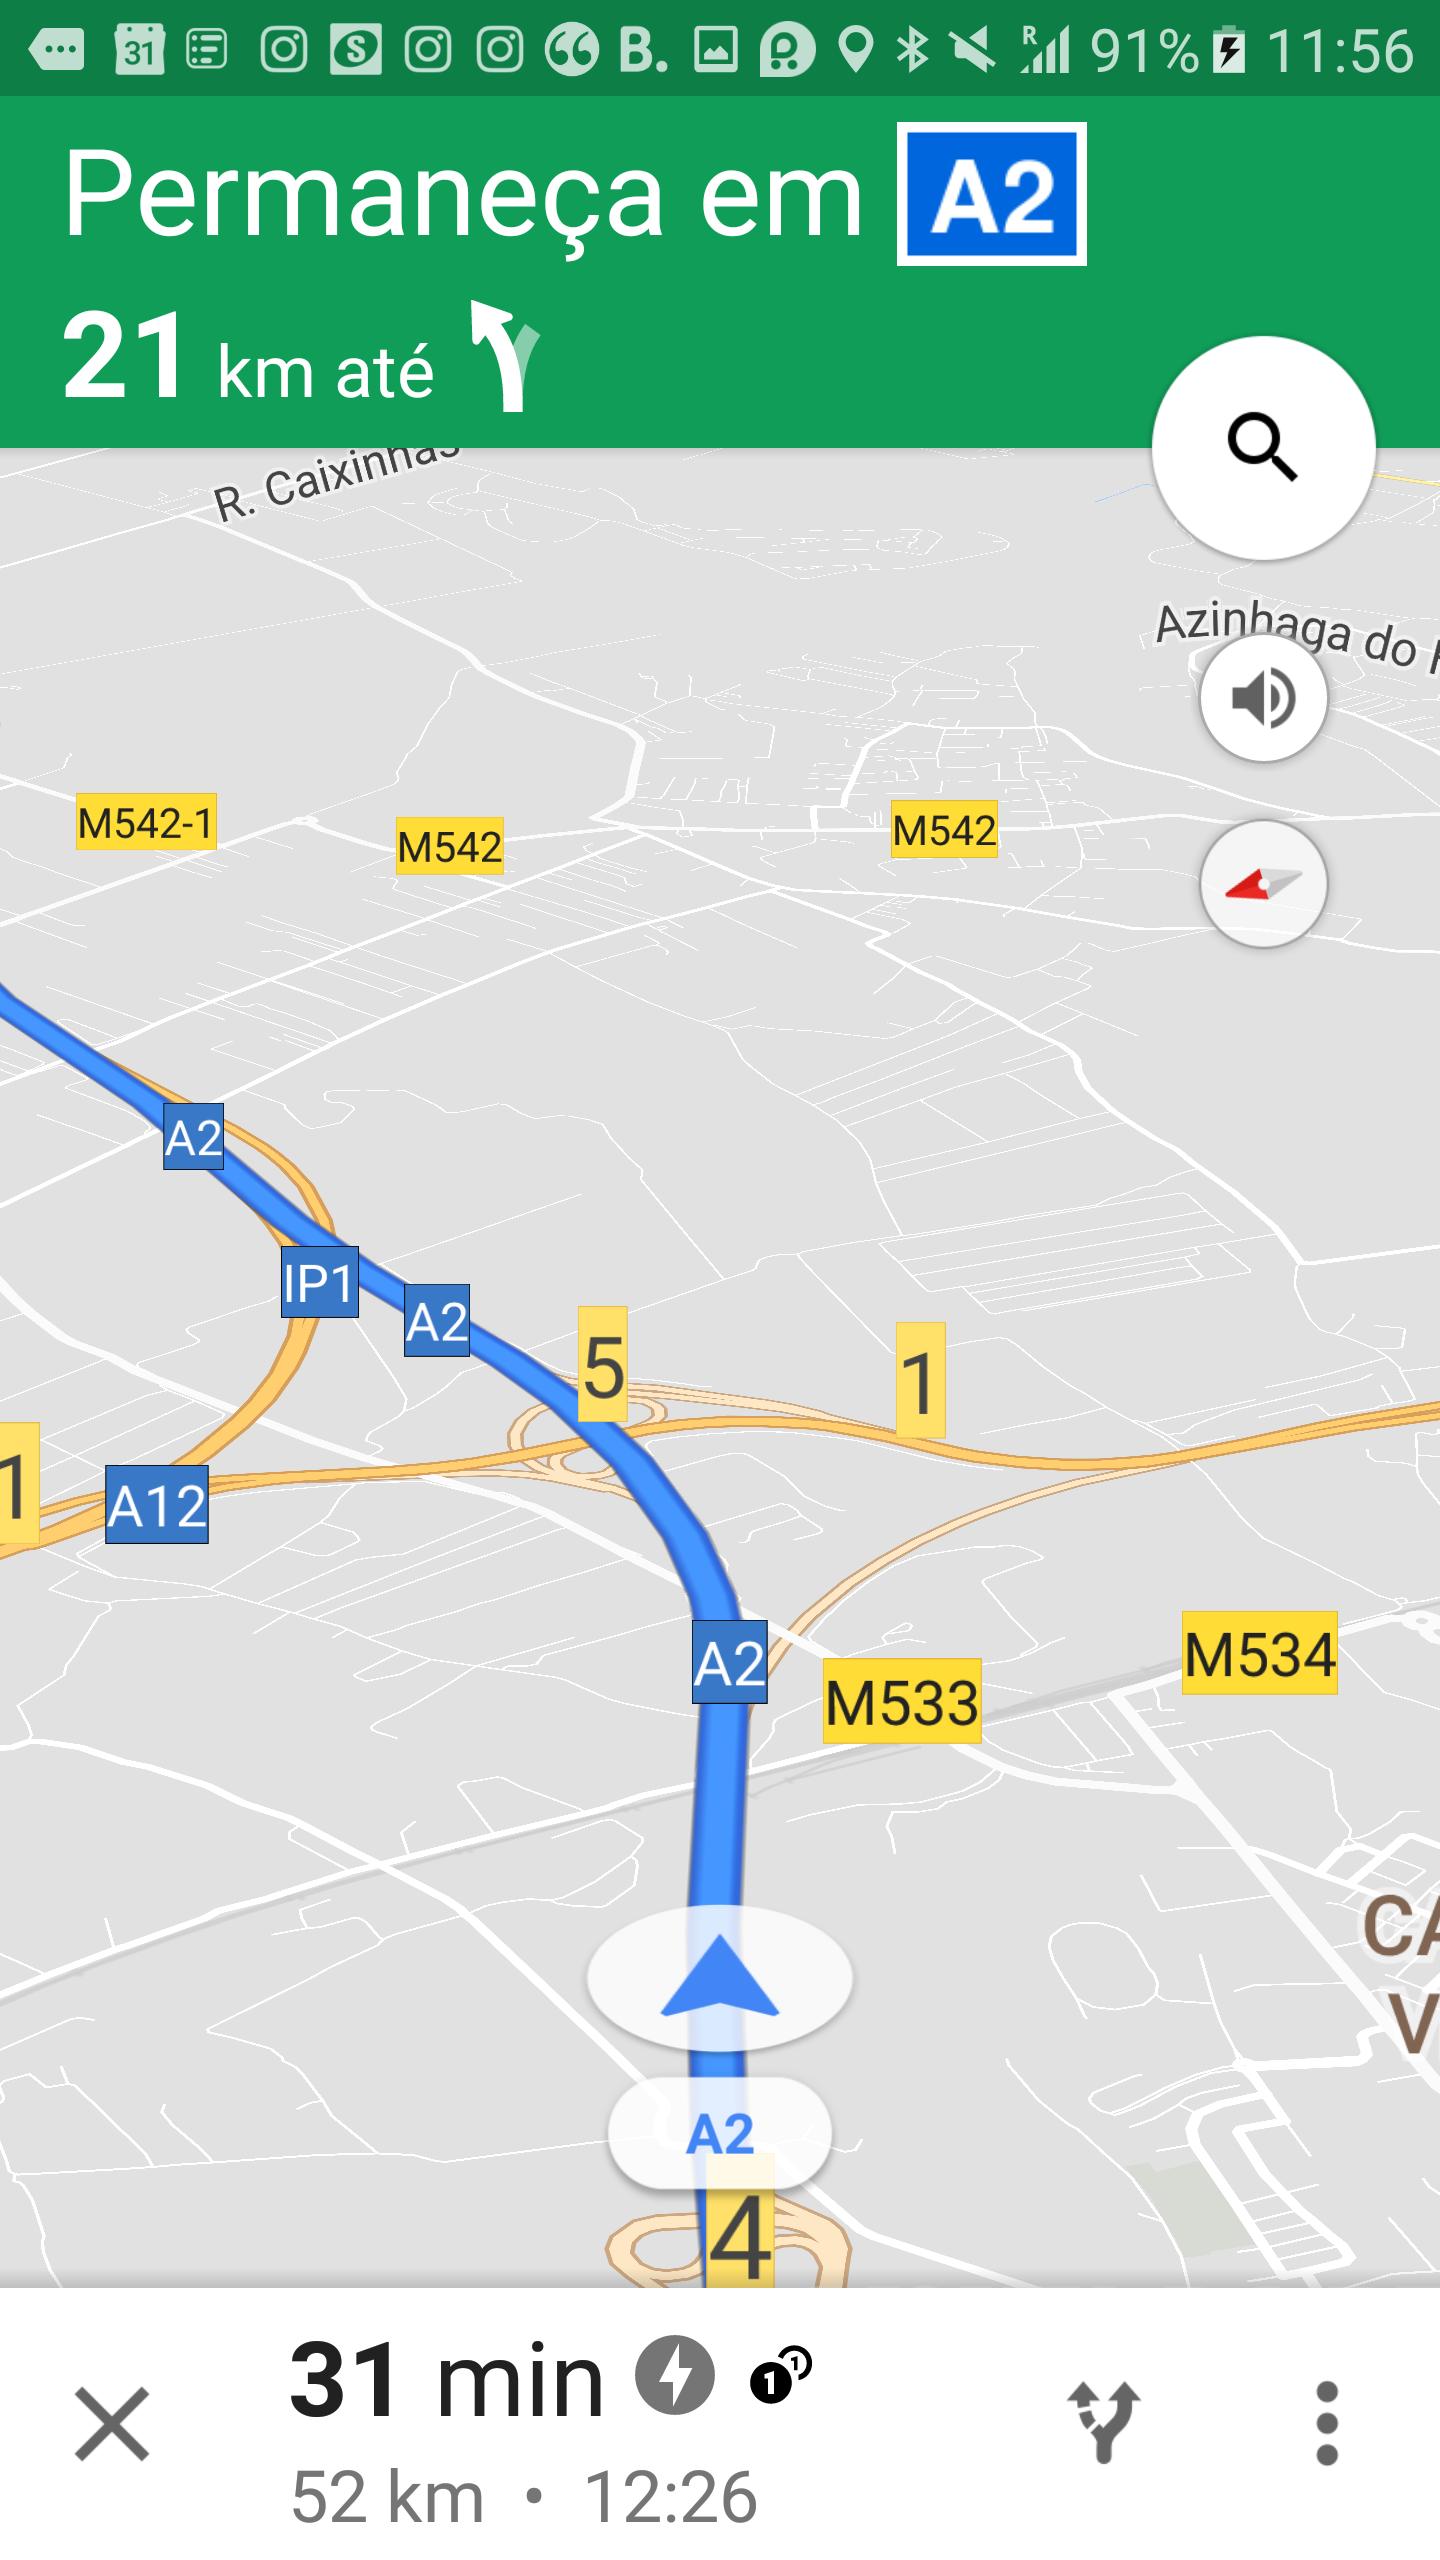 Tela do Google Maps durante a navegação